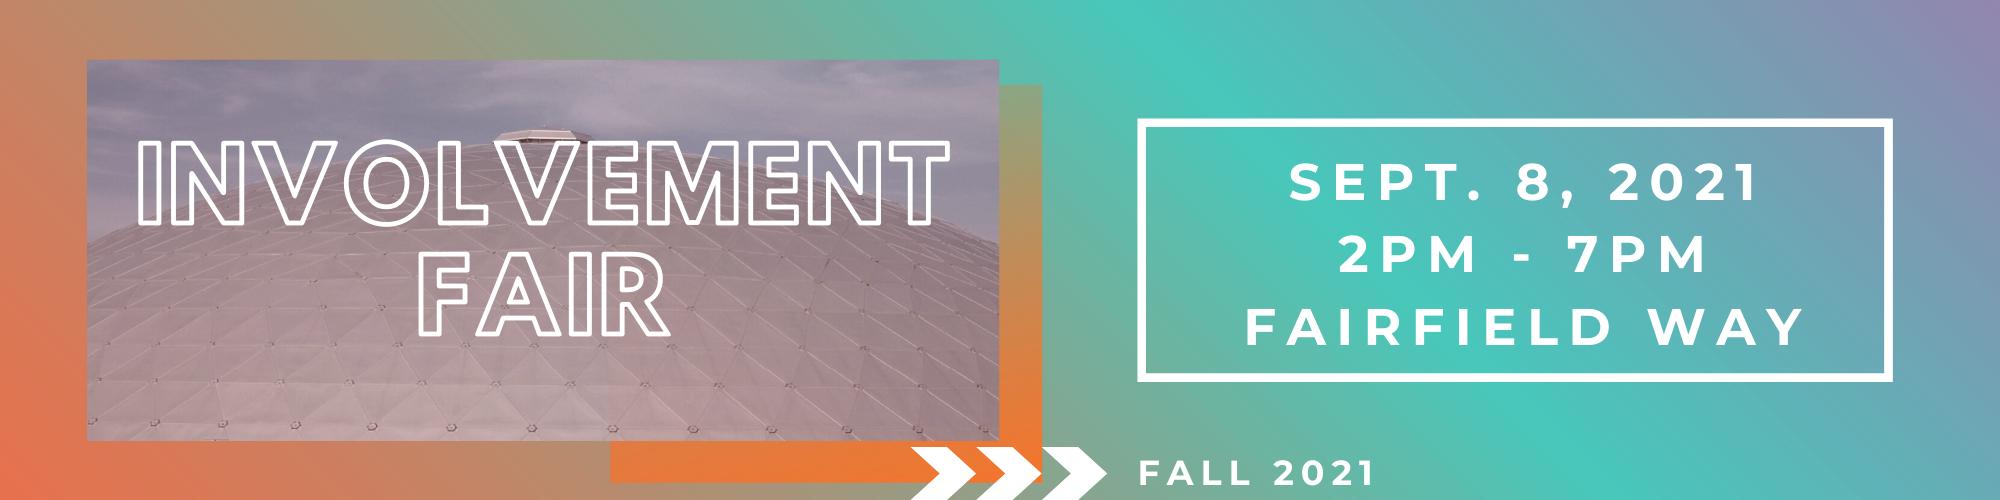 inv fair web header fall21